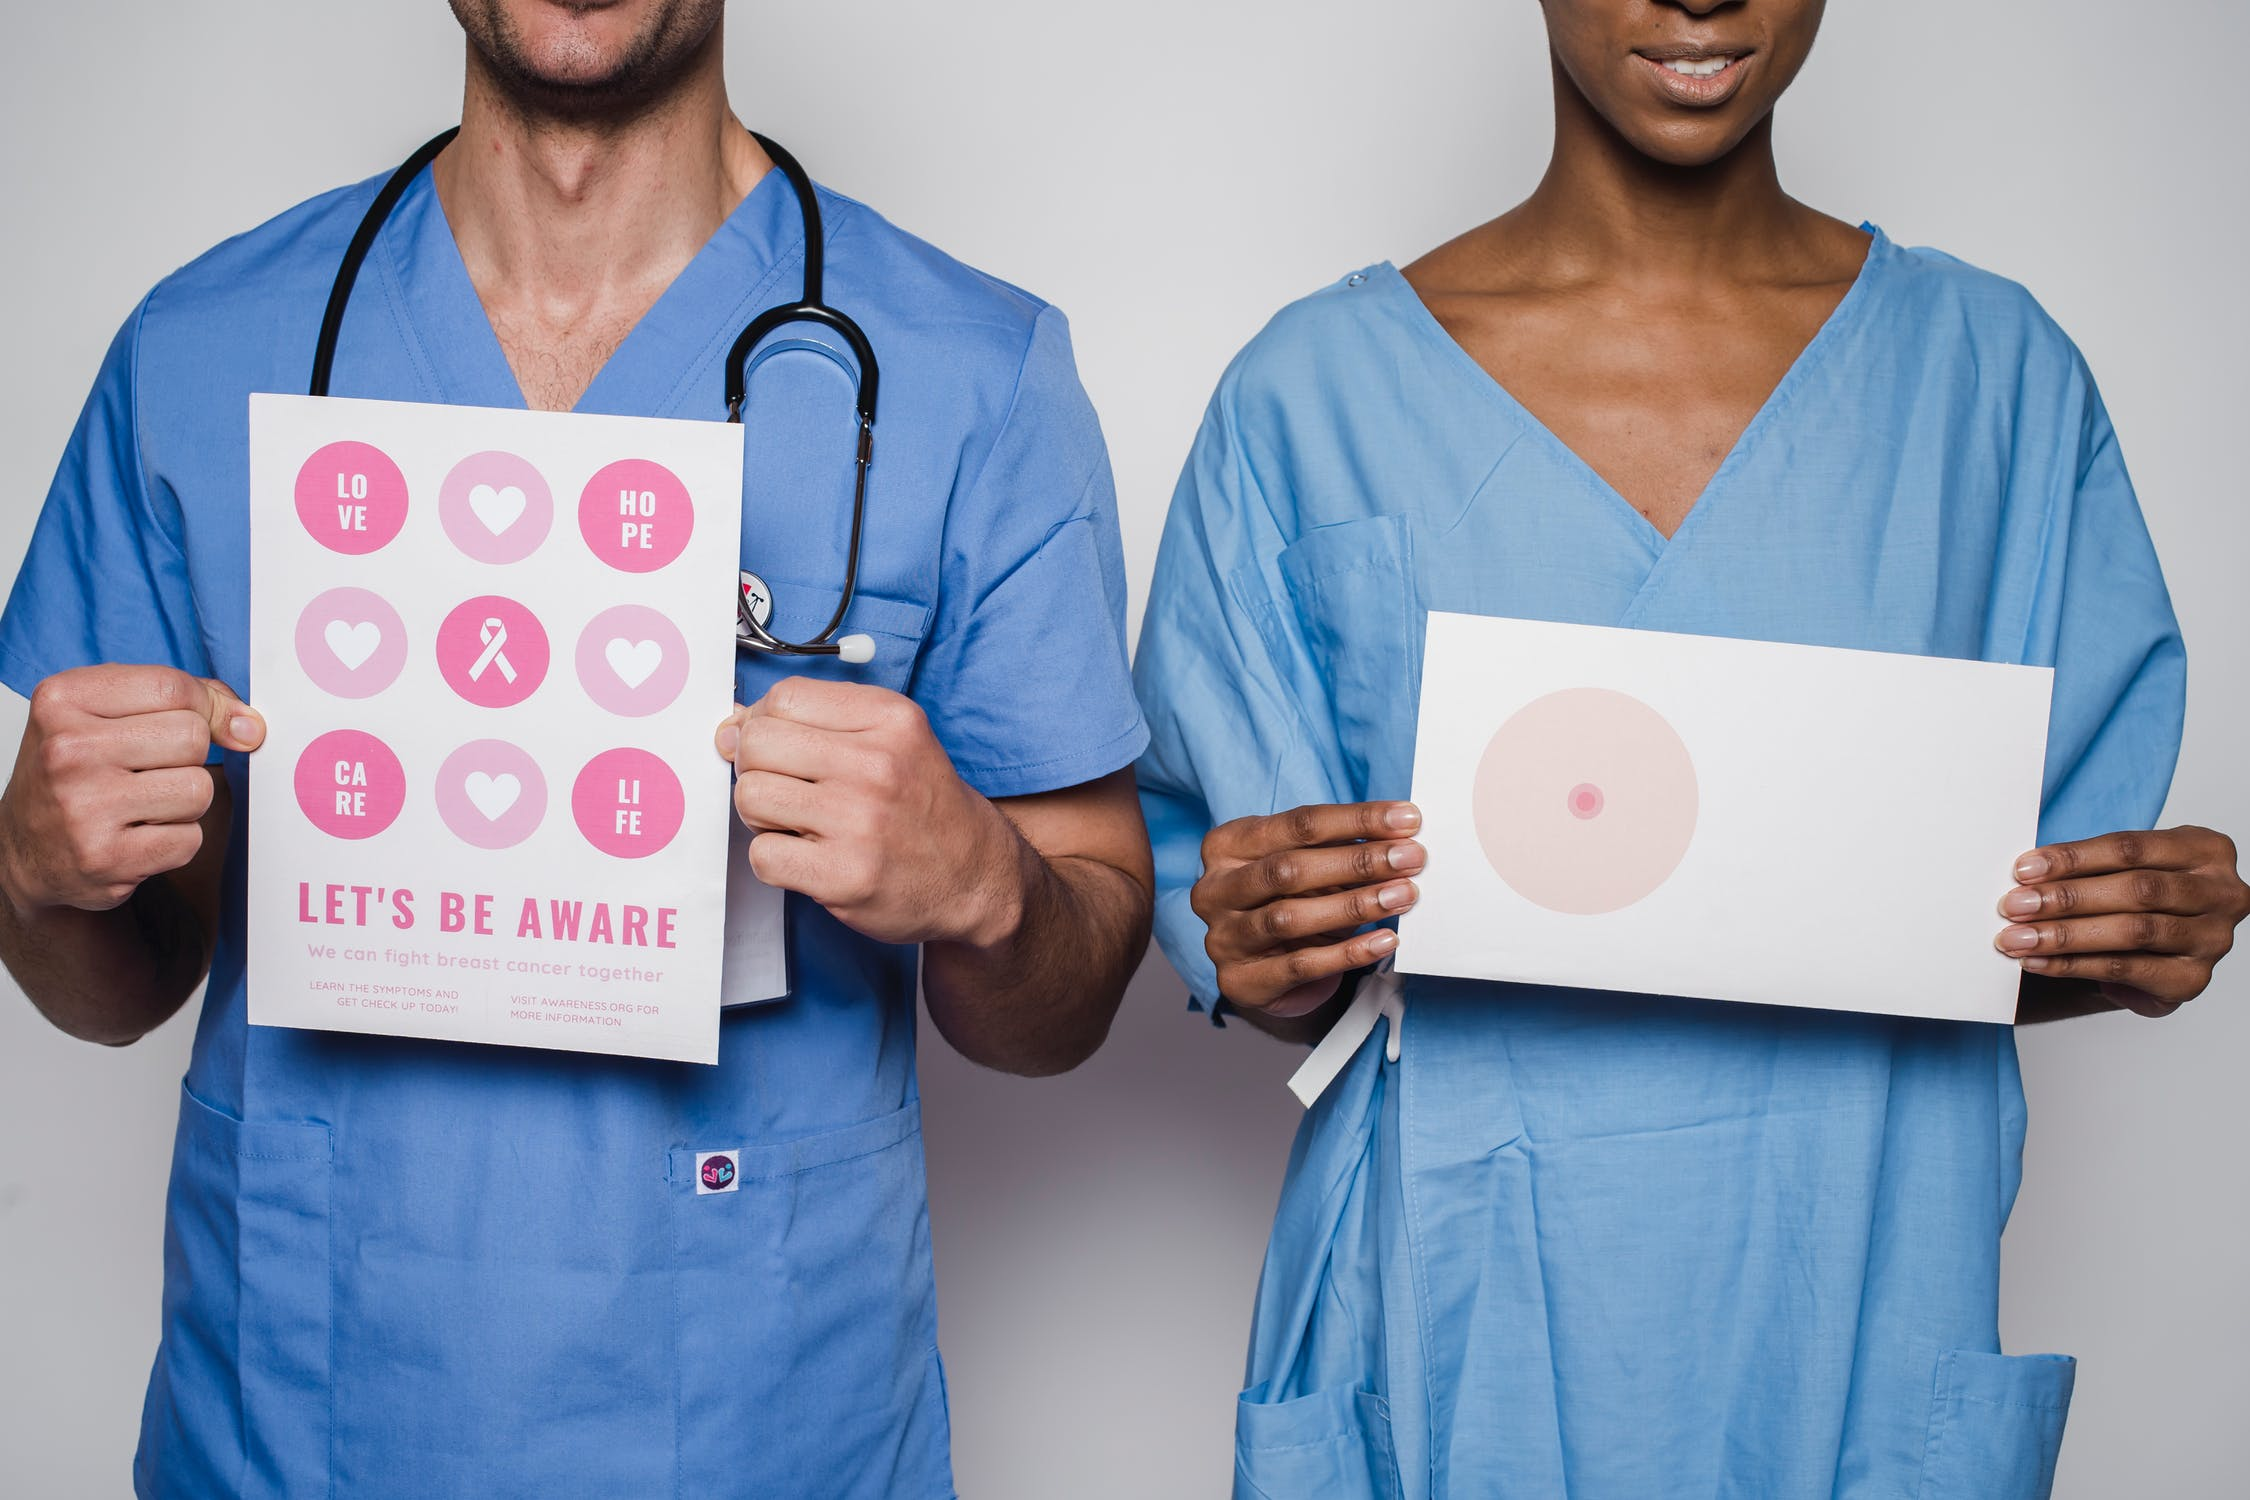 Informații utile pentru pacienții cu cancer pulmonar, de vezică urinară sau de sân. Platforma unde găsesc răspunsuri validate medical, animații și materiale video